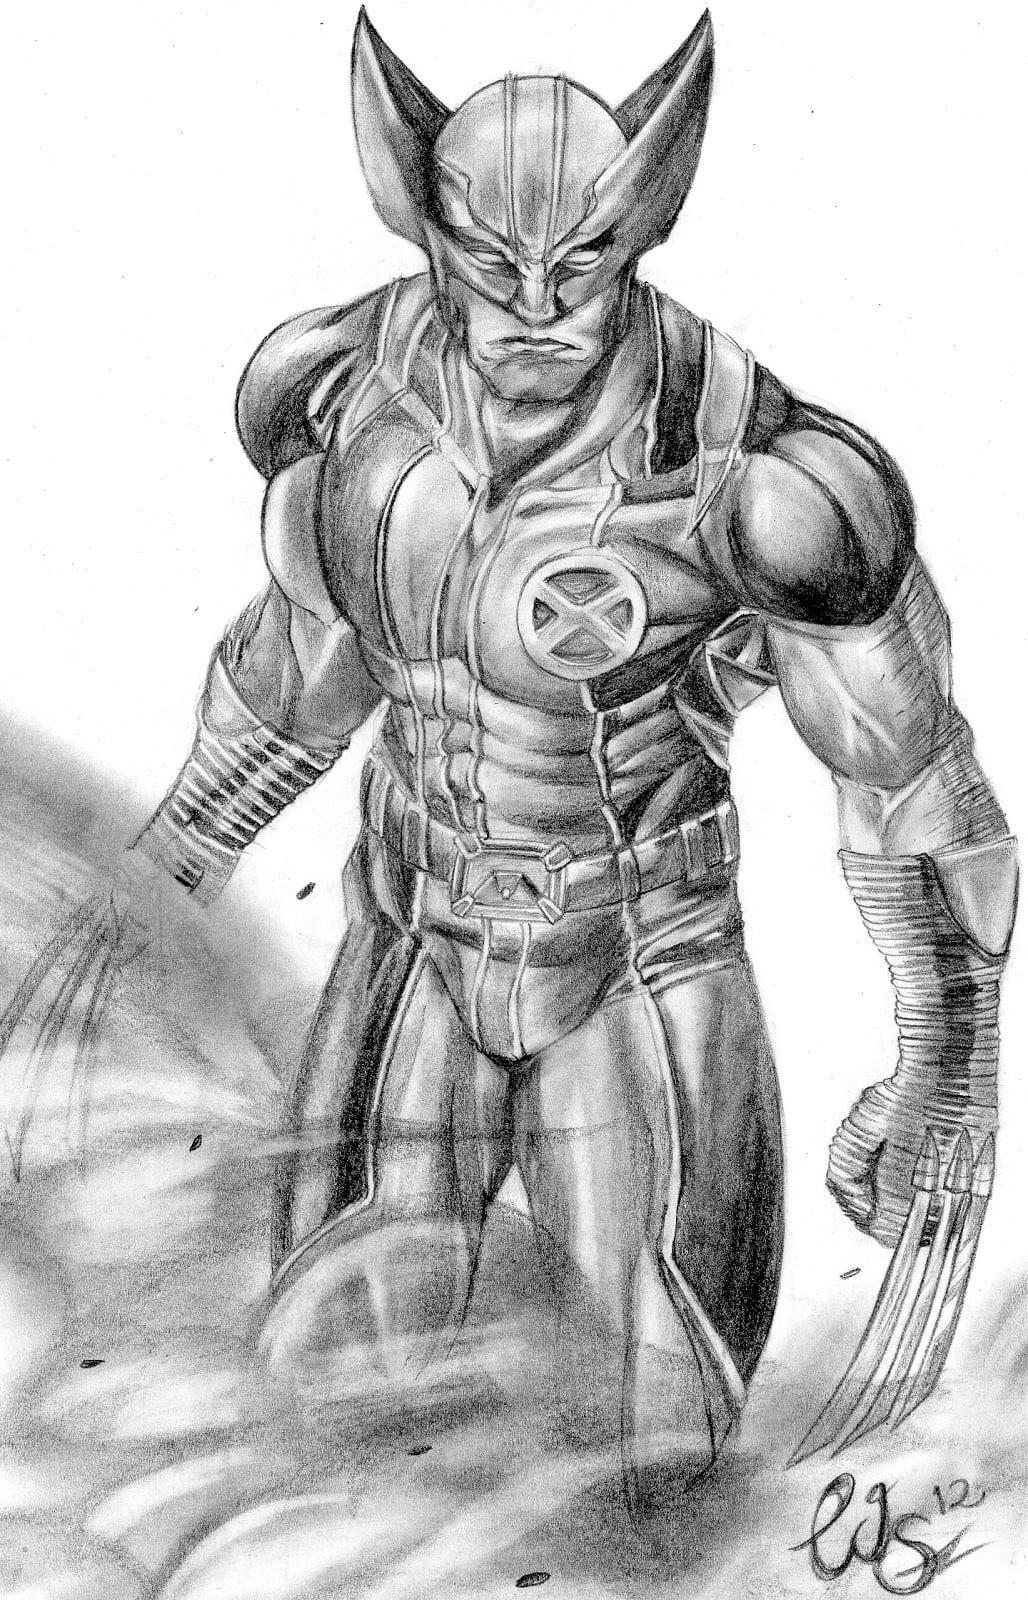 Estudio De Arte Wagner Saito  Wolverine Feito Com Lápis 5b